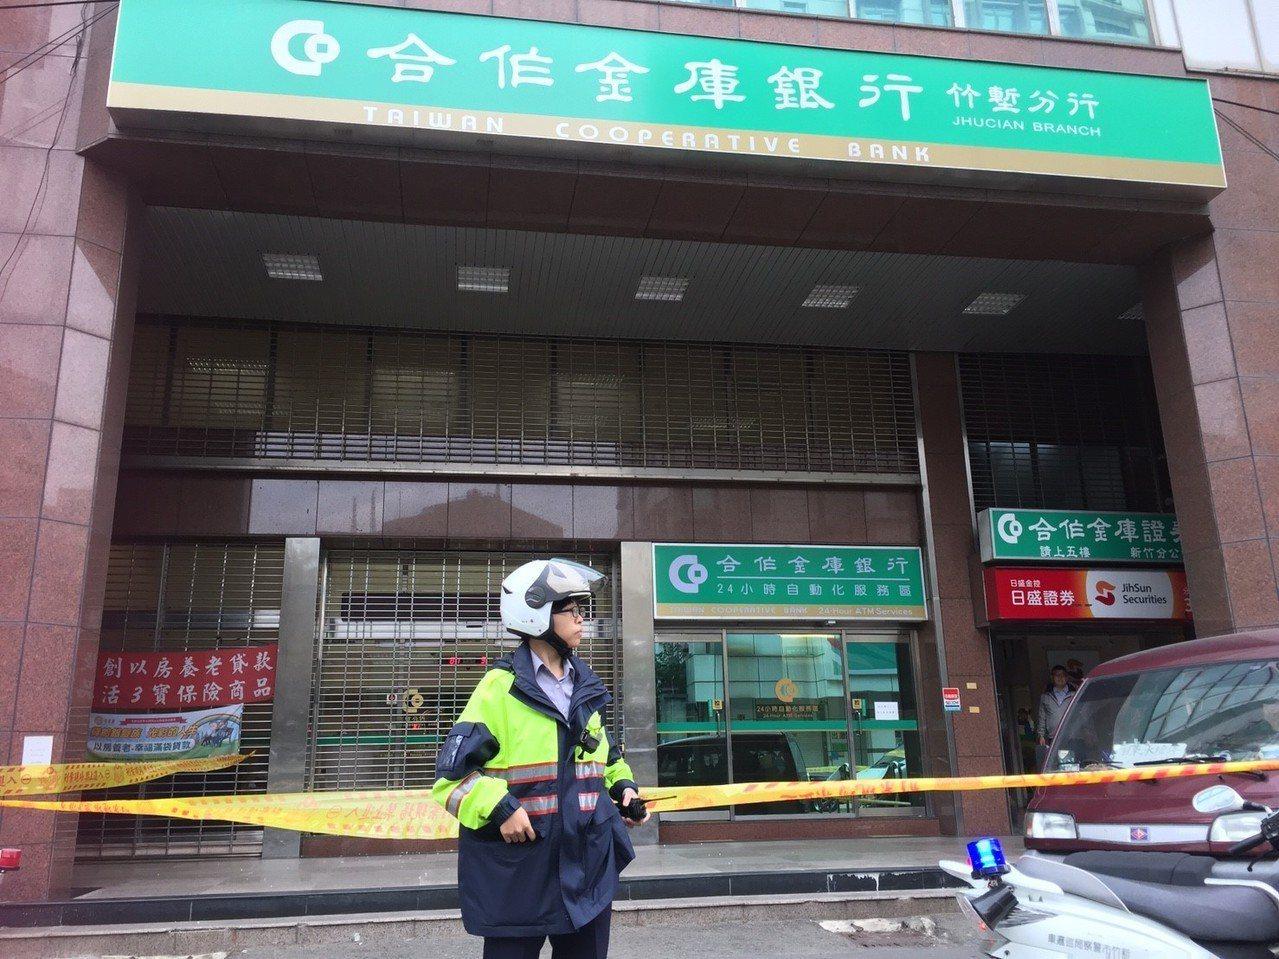 新竹合作金庫行員賴偉達遭搶匪槍殺身亡。 聯合報系資料照/記者郭宣彣攝影